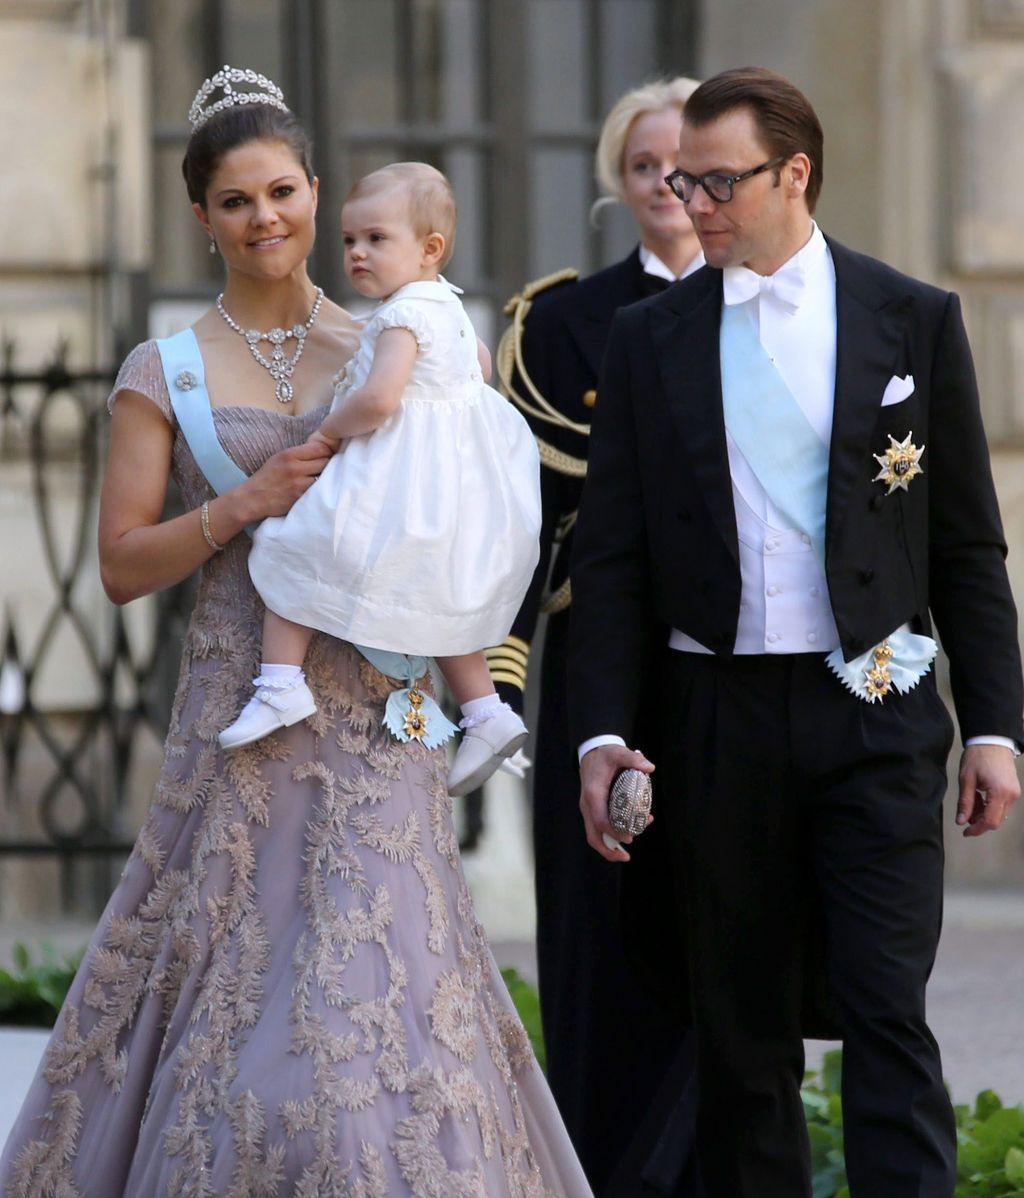 La princesa Victoria sostiene en brazos a su hija, junto al Príncipe Daniel de Suecia